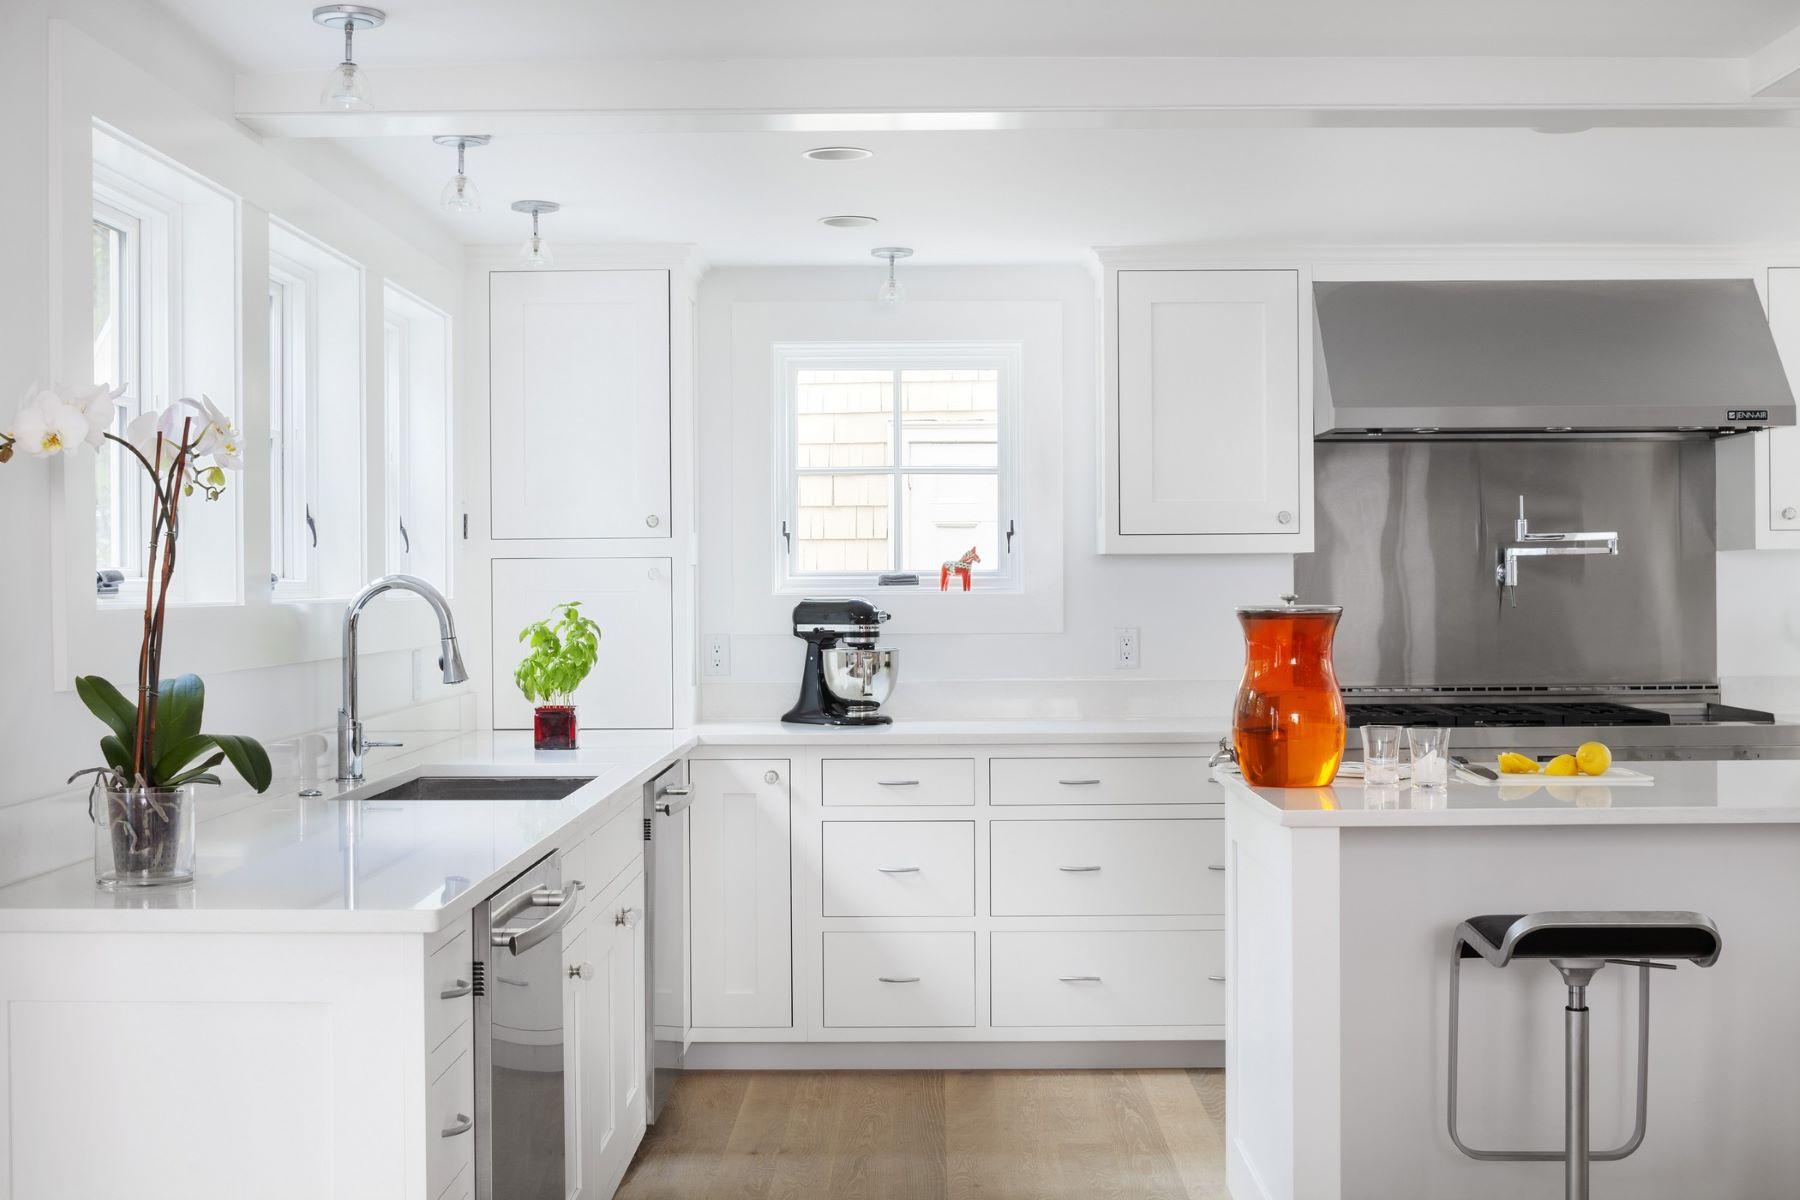 Single Family Home for Sale at Stunning Scandinavian Design Home 881 Massachusetts Ave Lexington, Massachusetts, 02420 United States